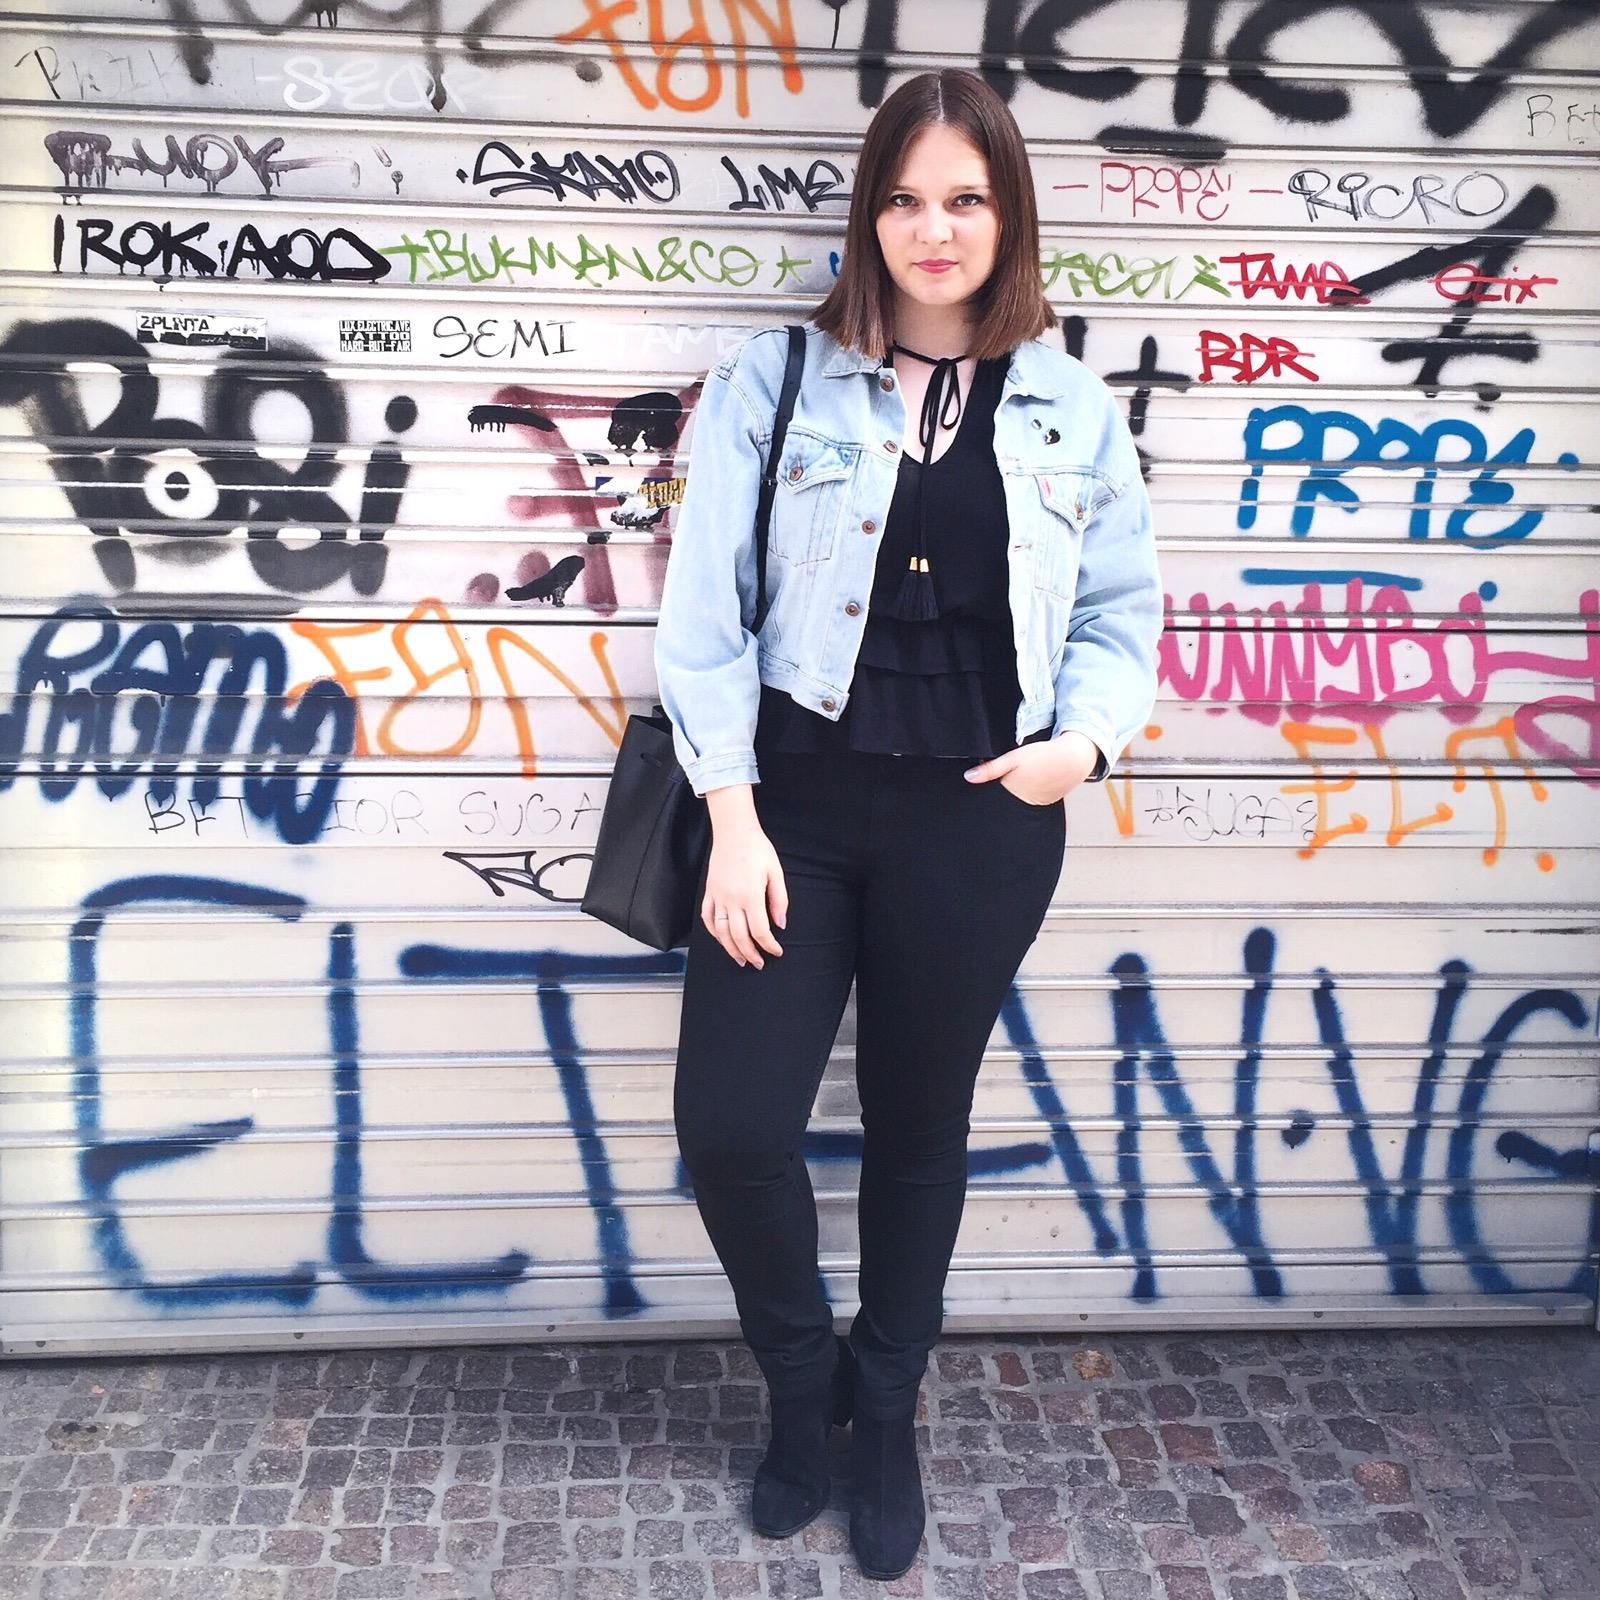 outfit luxembourg graffiti wall